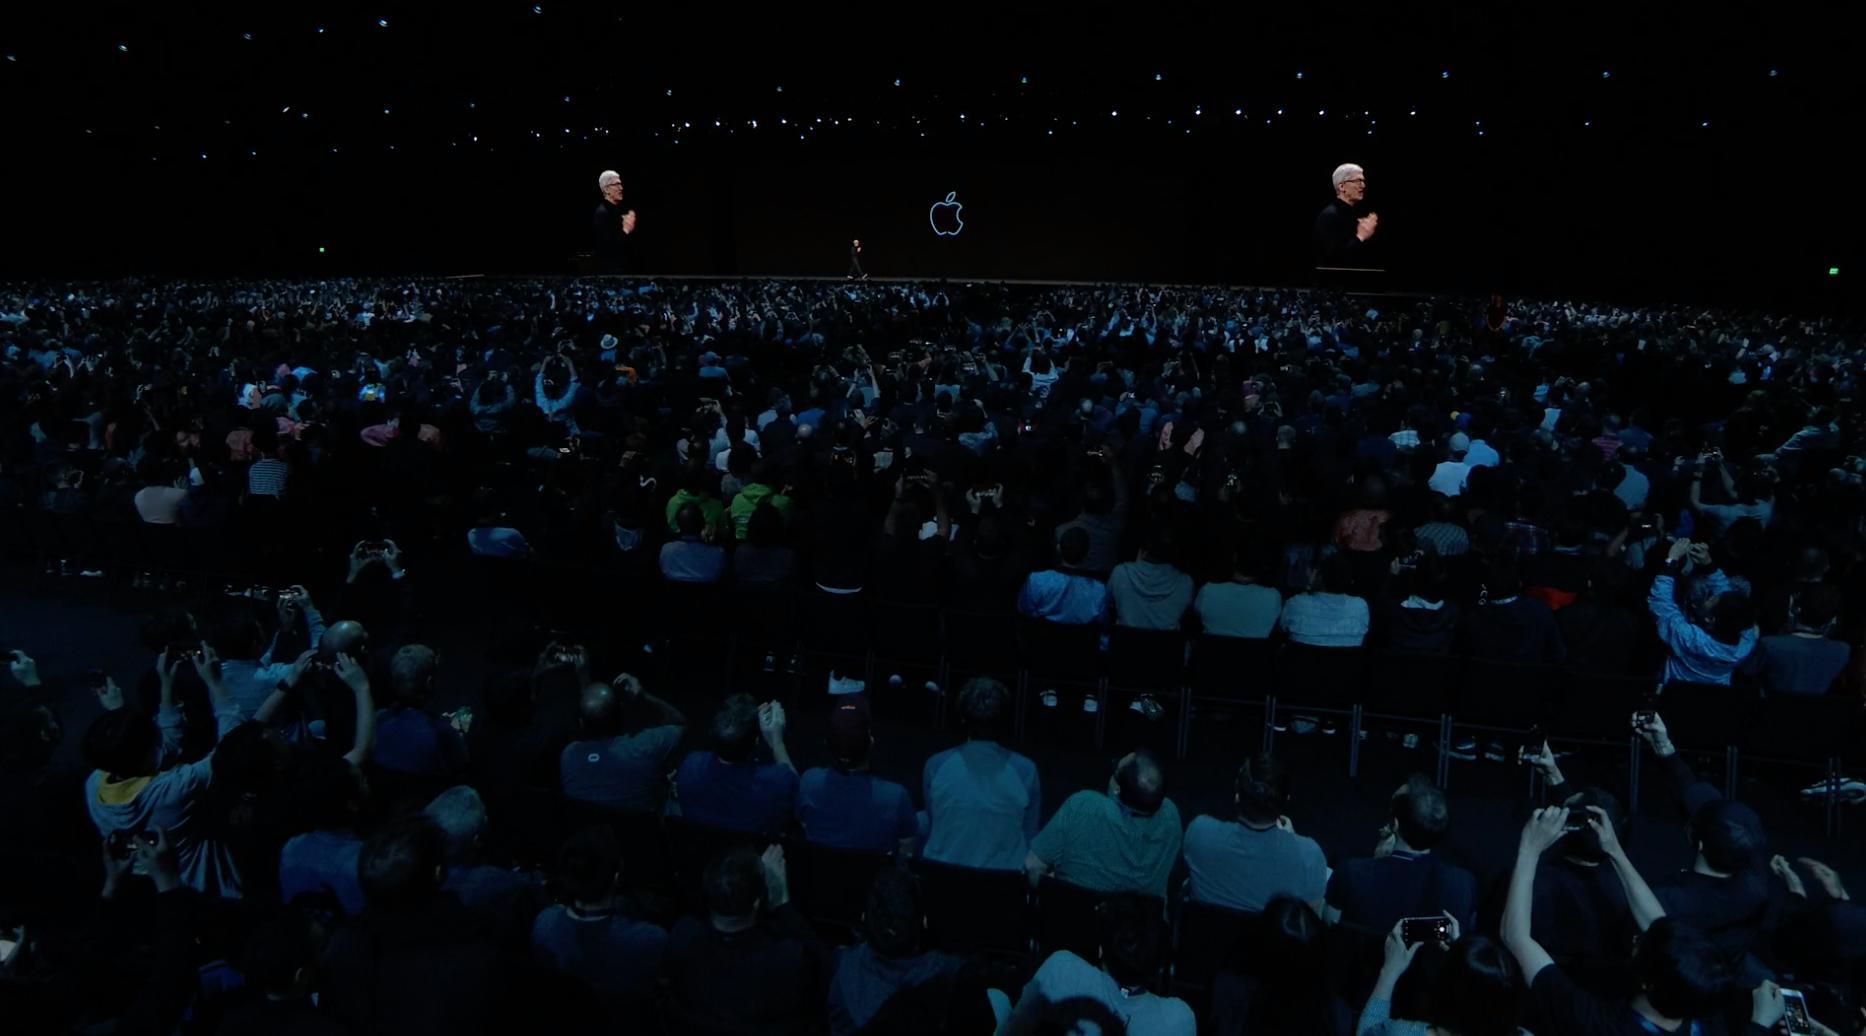 Presentación / Keynote de la WWDC 2013